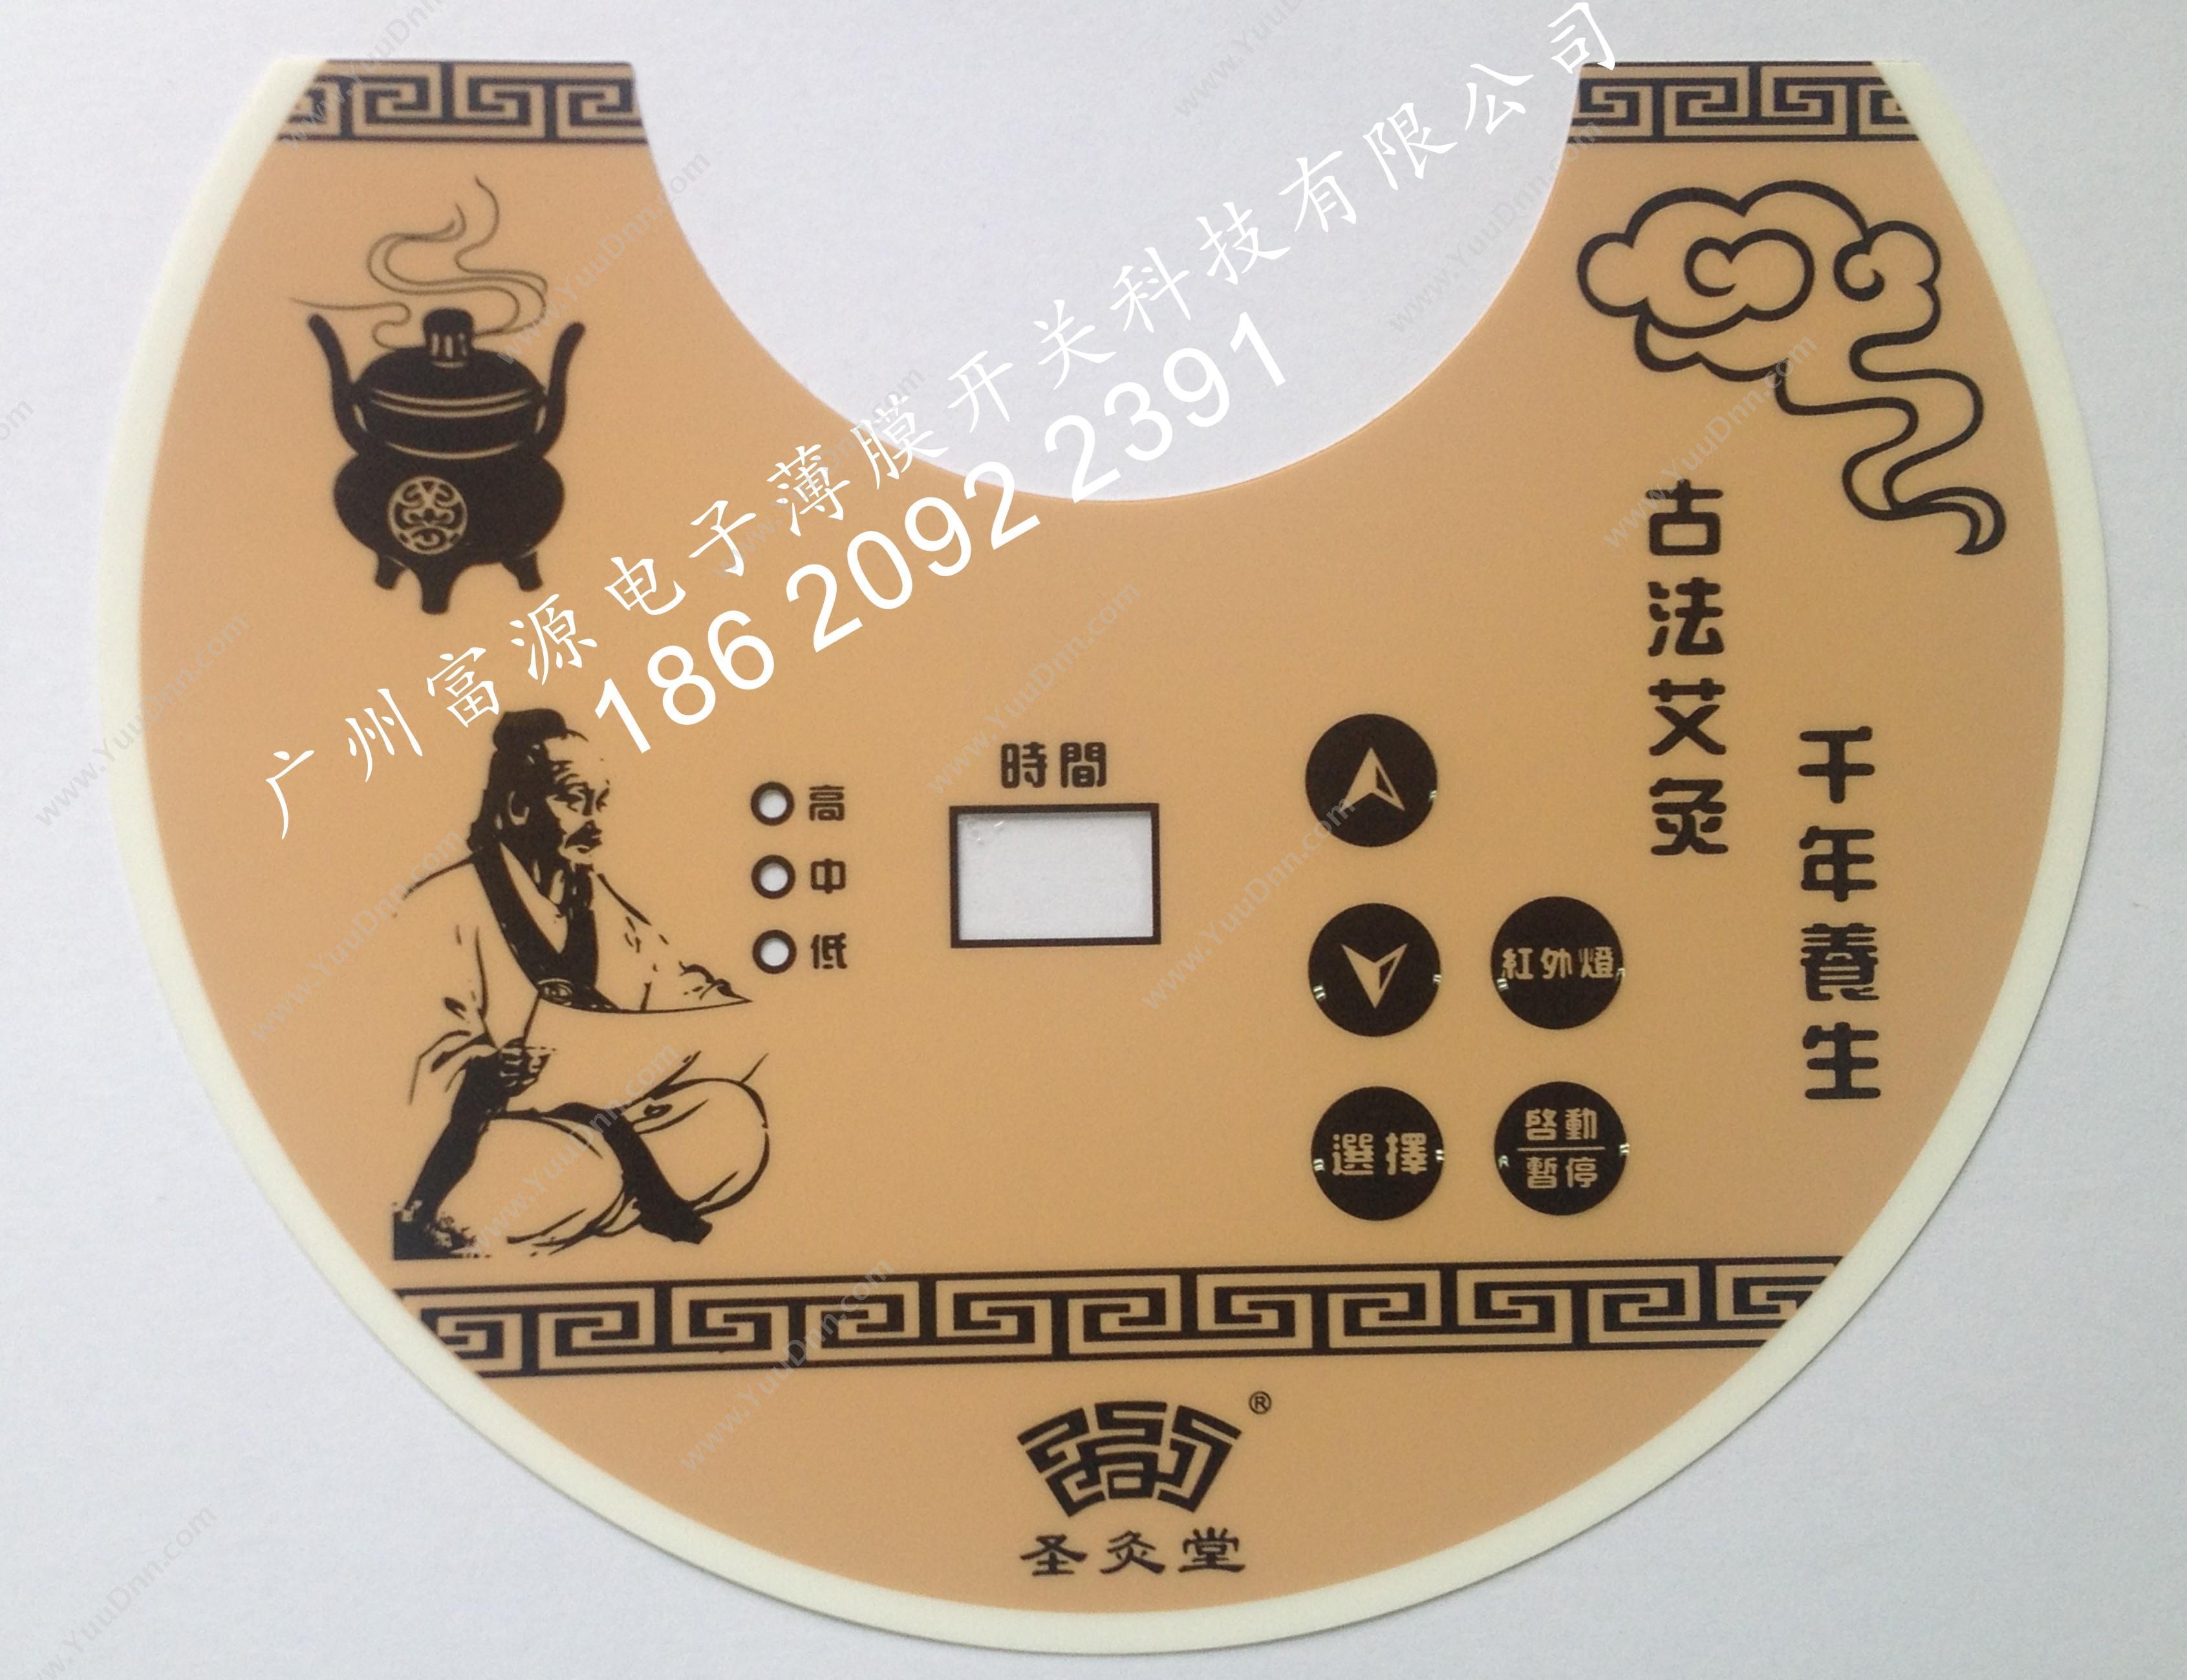 富源电子 PET薄膜面板 医疗仪器